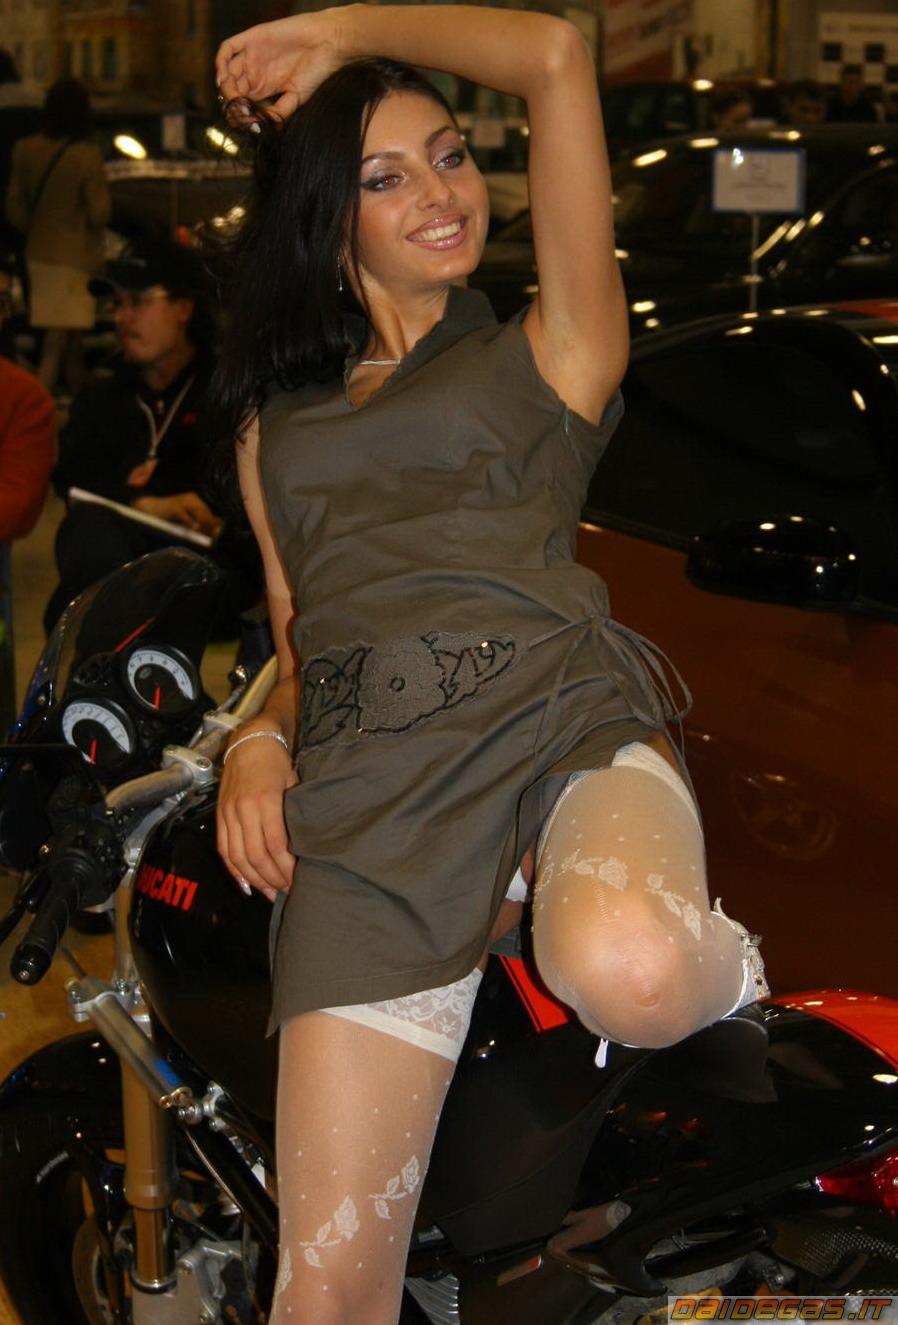 ducati-monster-sexy-girl-babe-ragazza-donna-moto-3